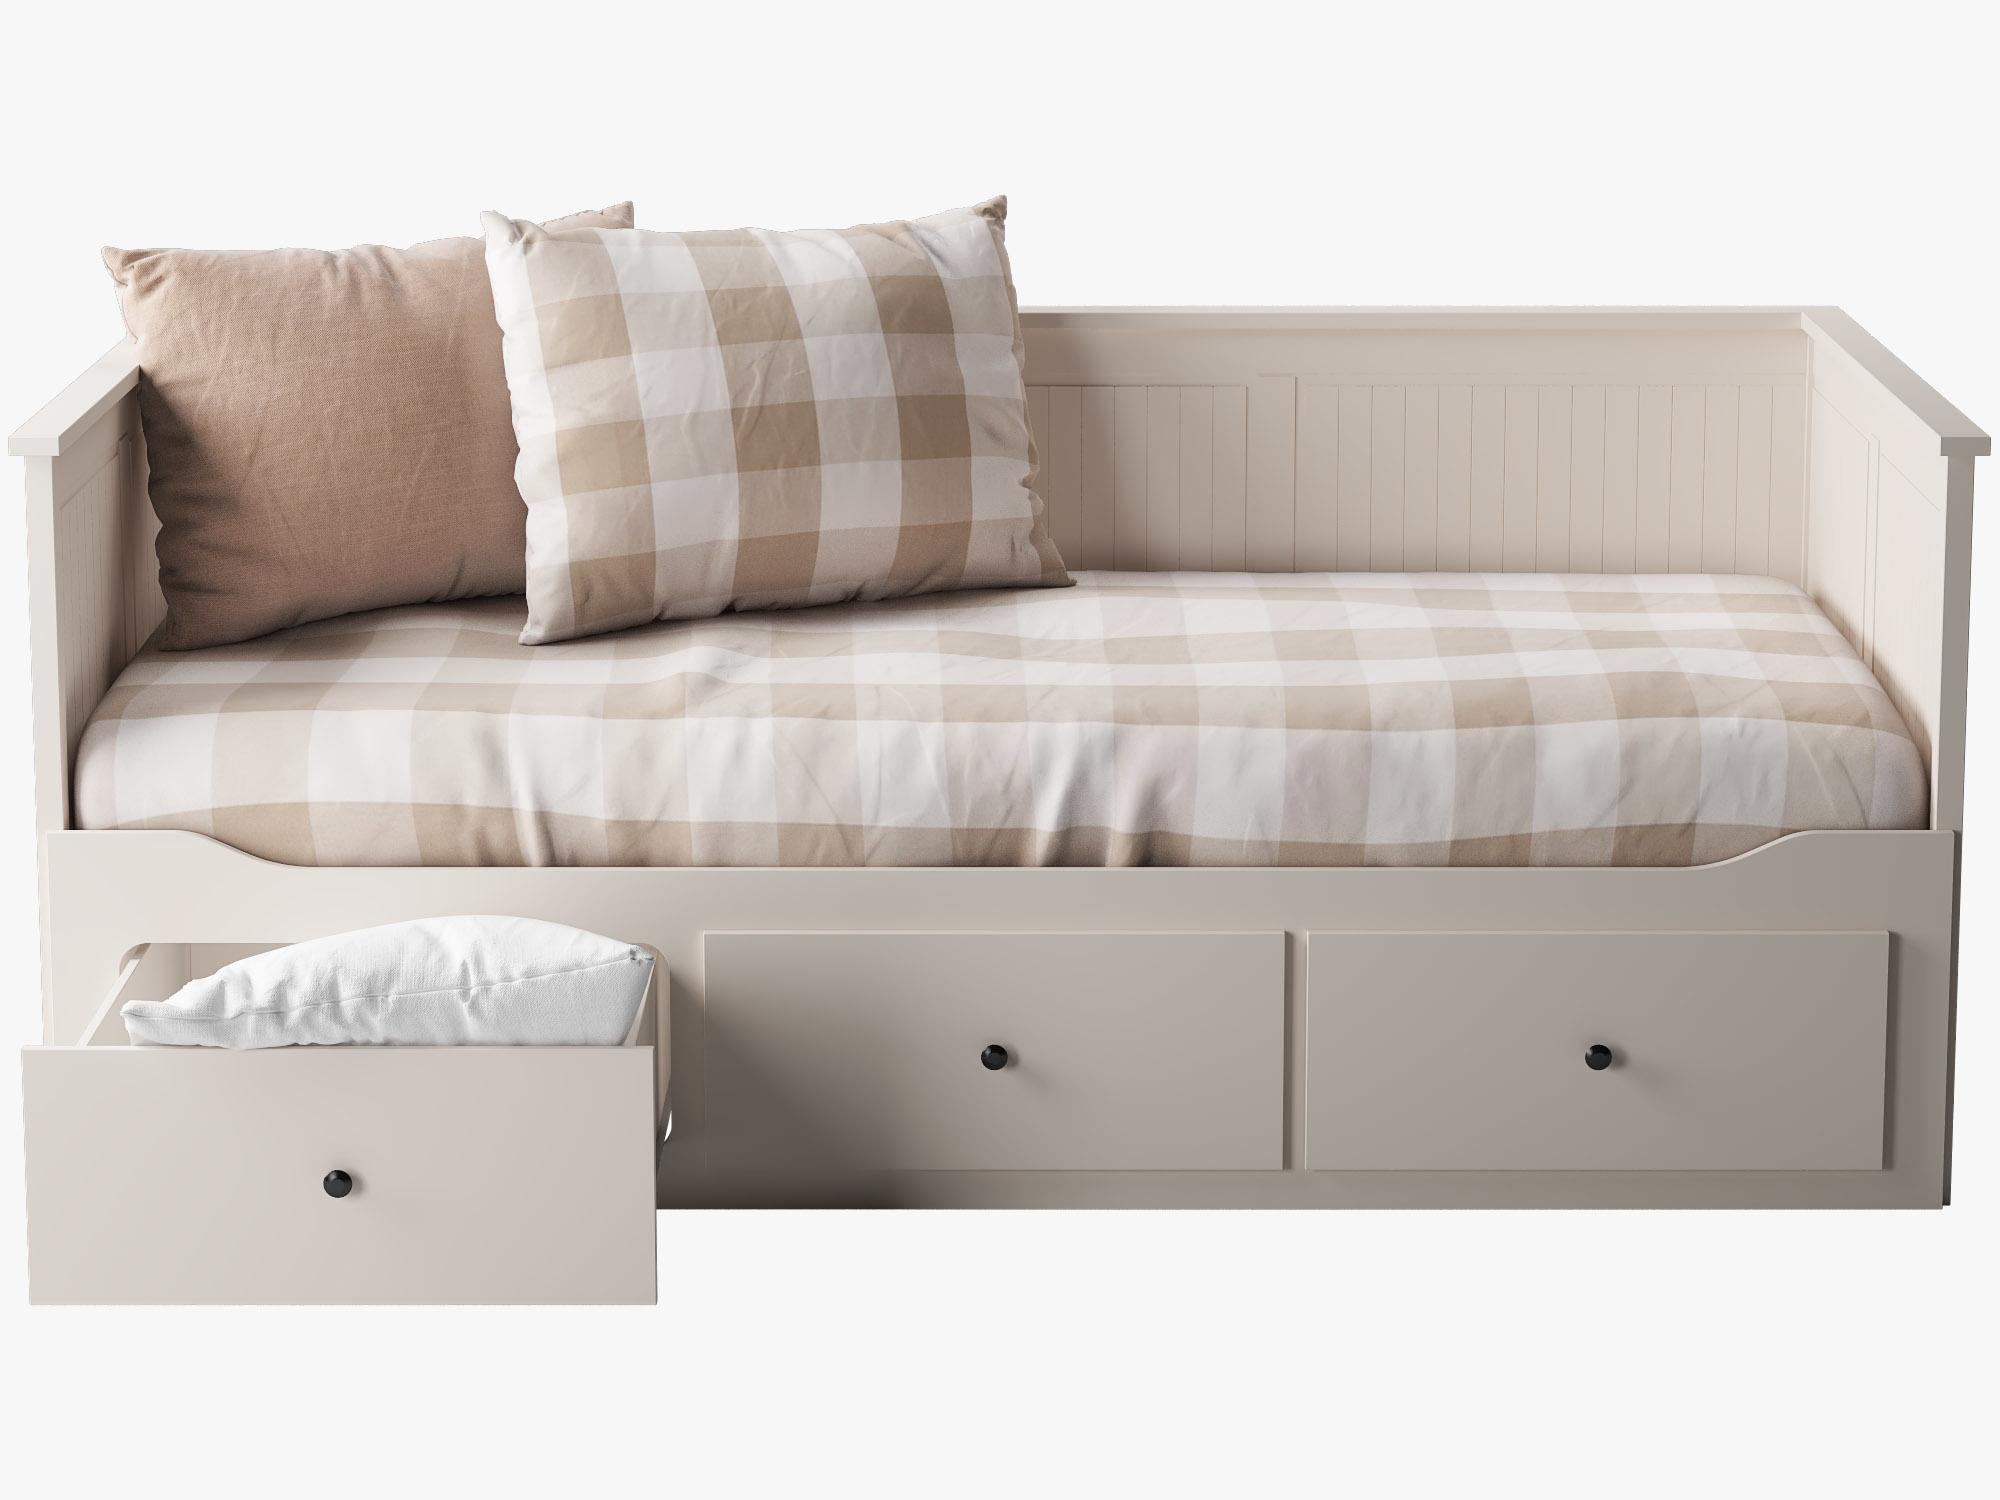 Ikea Hemnes Bedbank.3d Ikea Hemnes Bed 1 Model